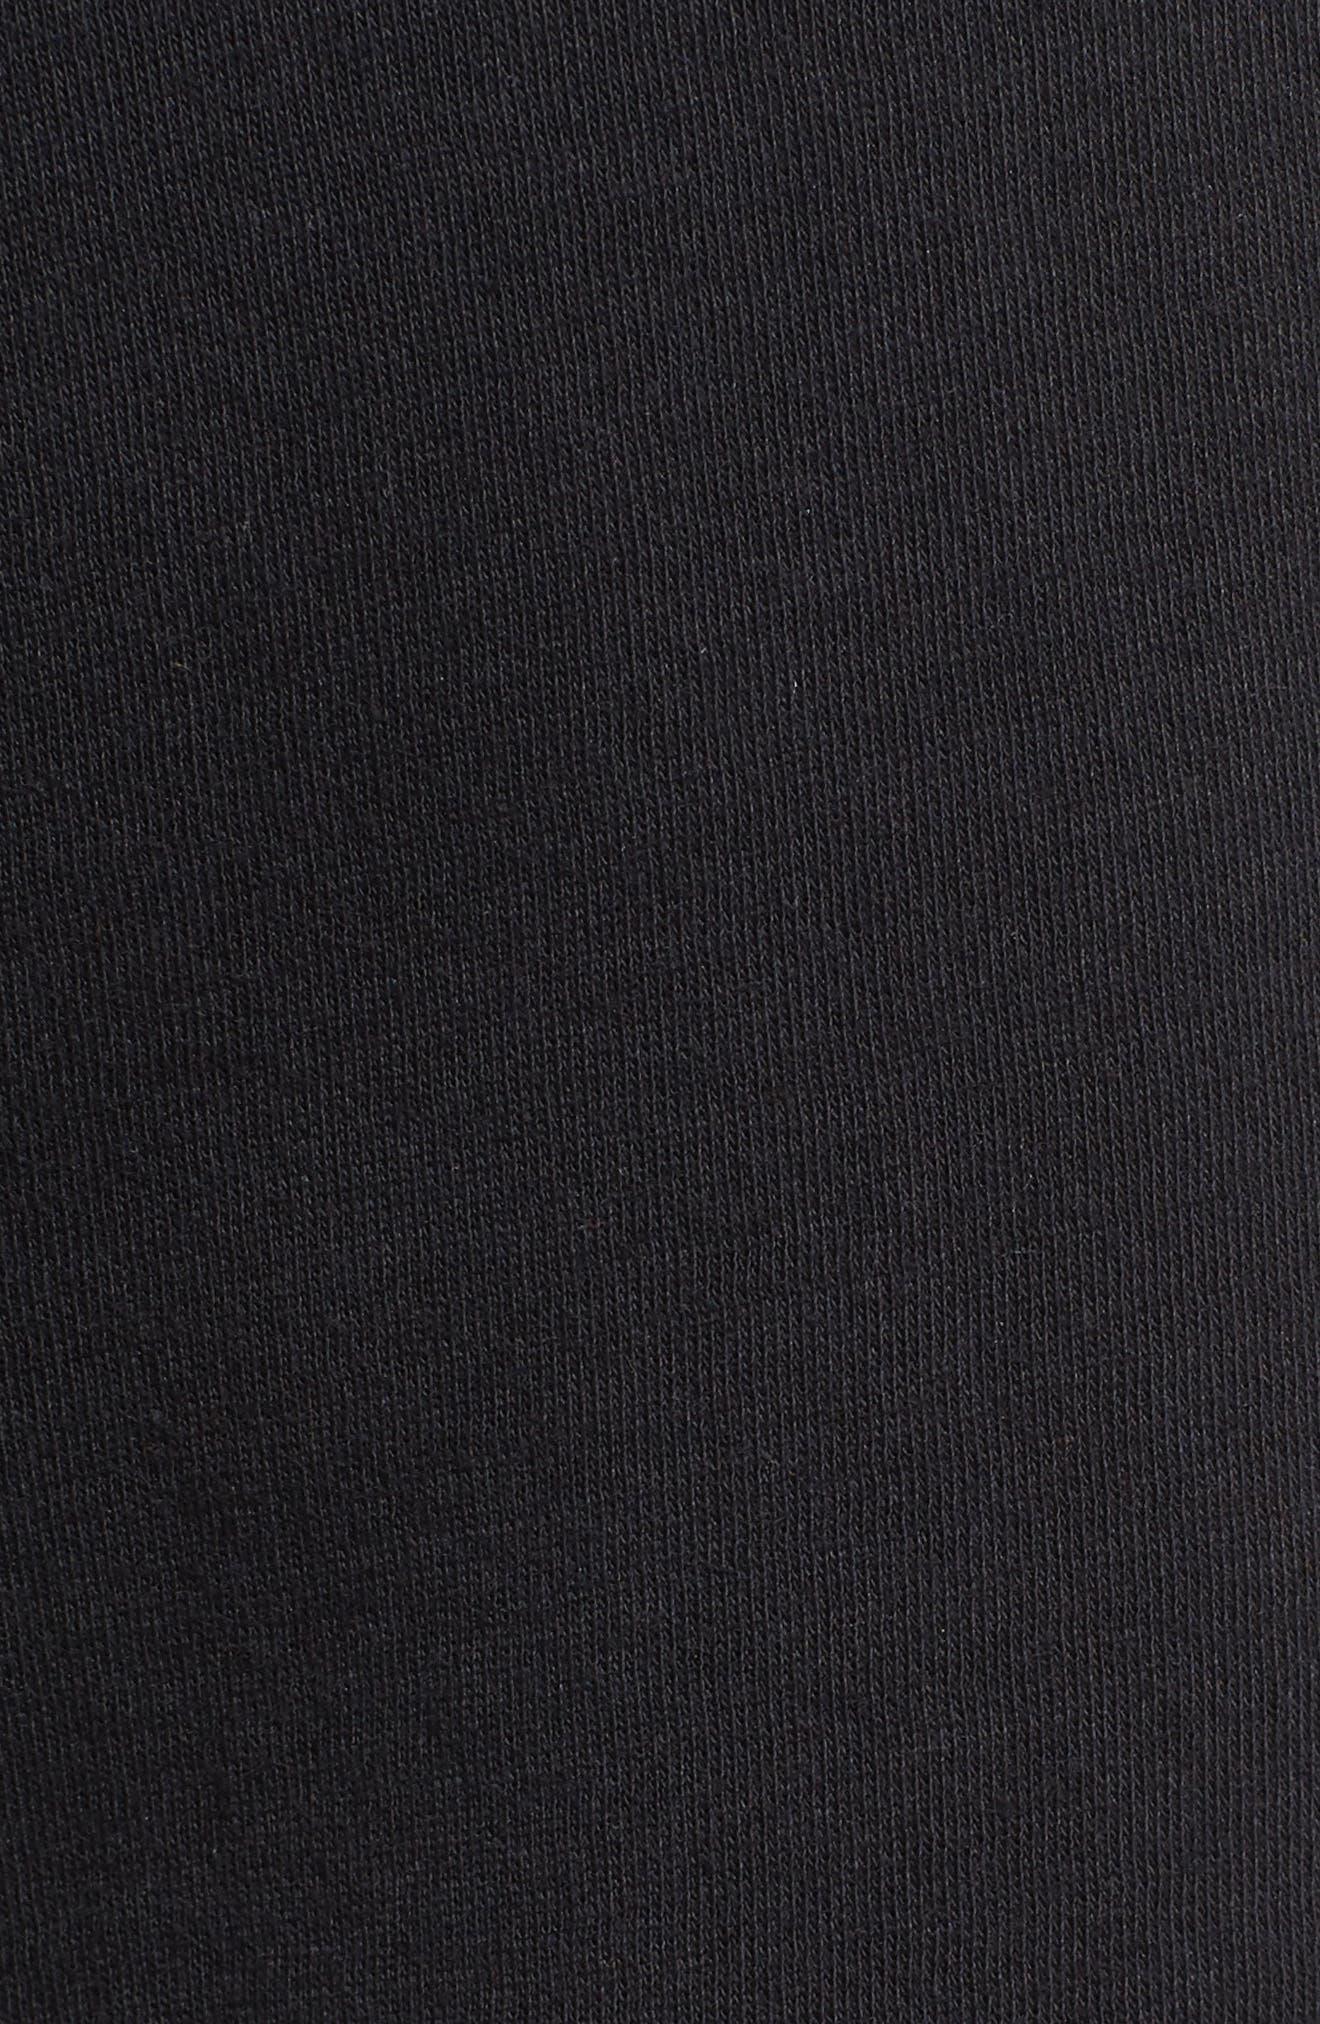 Modern Jogger Pants,                             Alternate thumbnail 5, color,                             BLACK/ BLACK